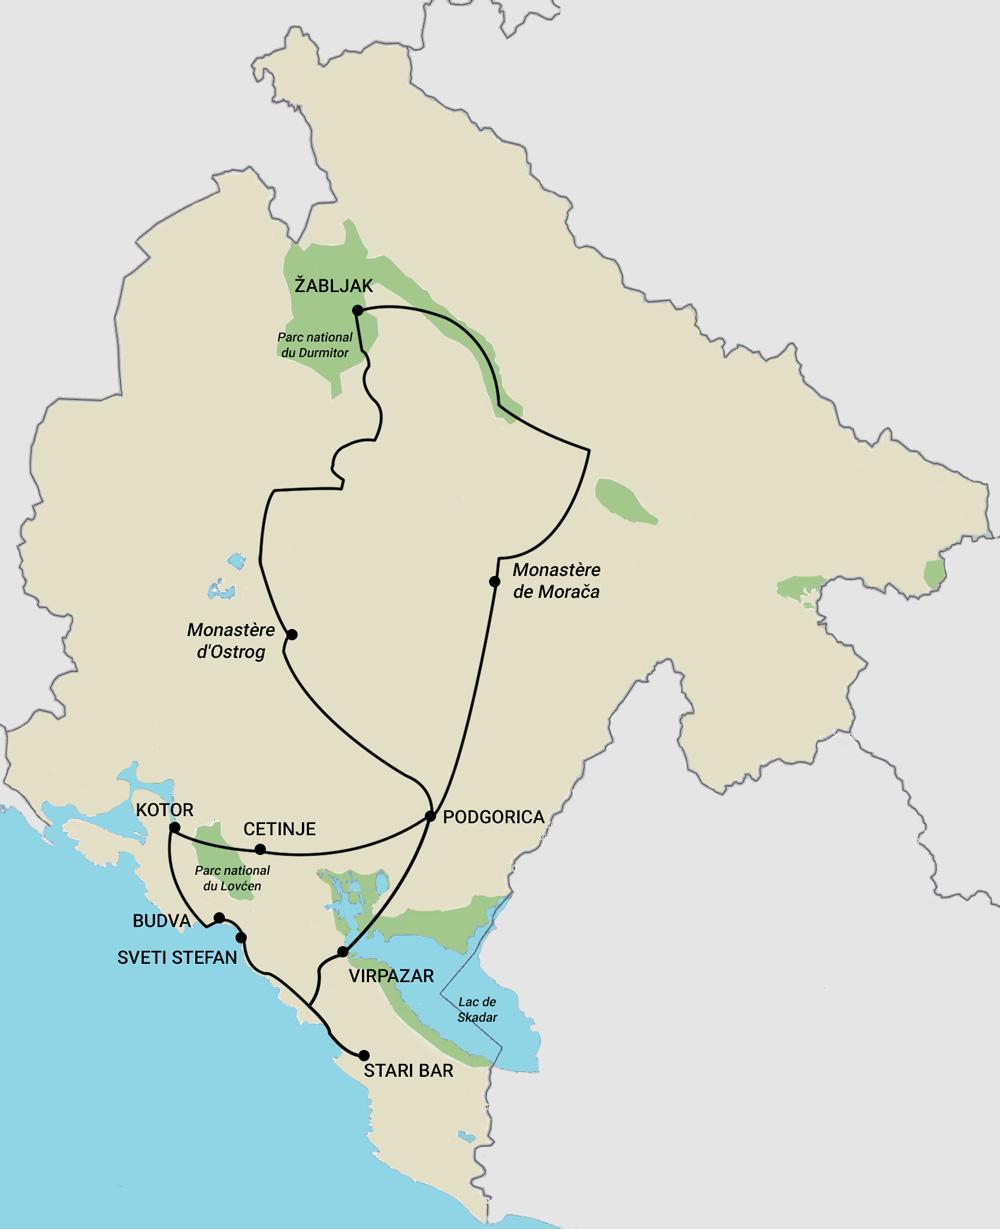 Itinéraire d'un road trip de 11 jours au Monténégro